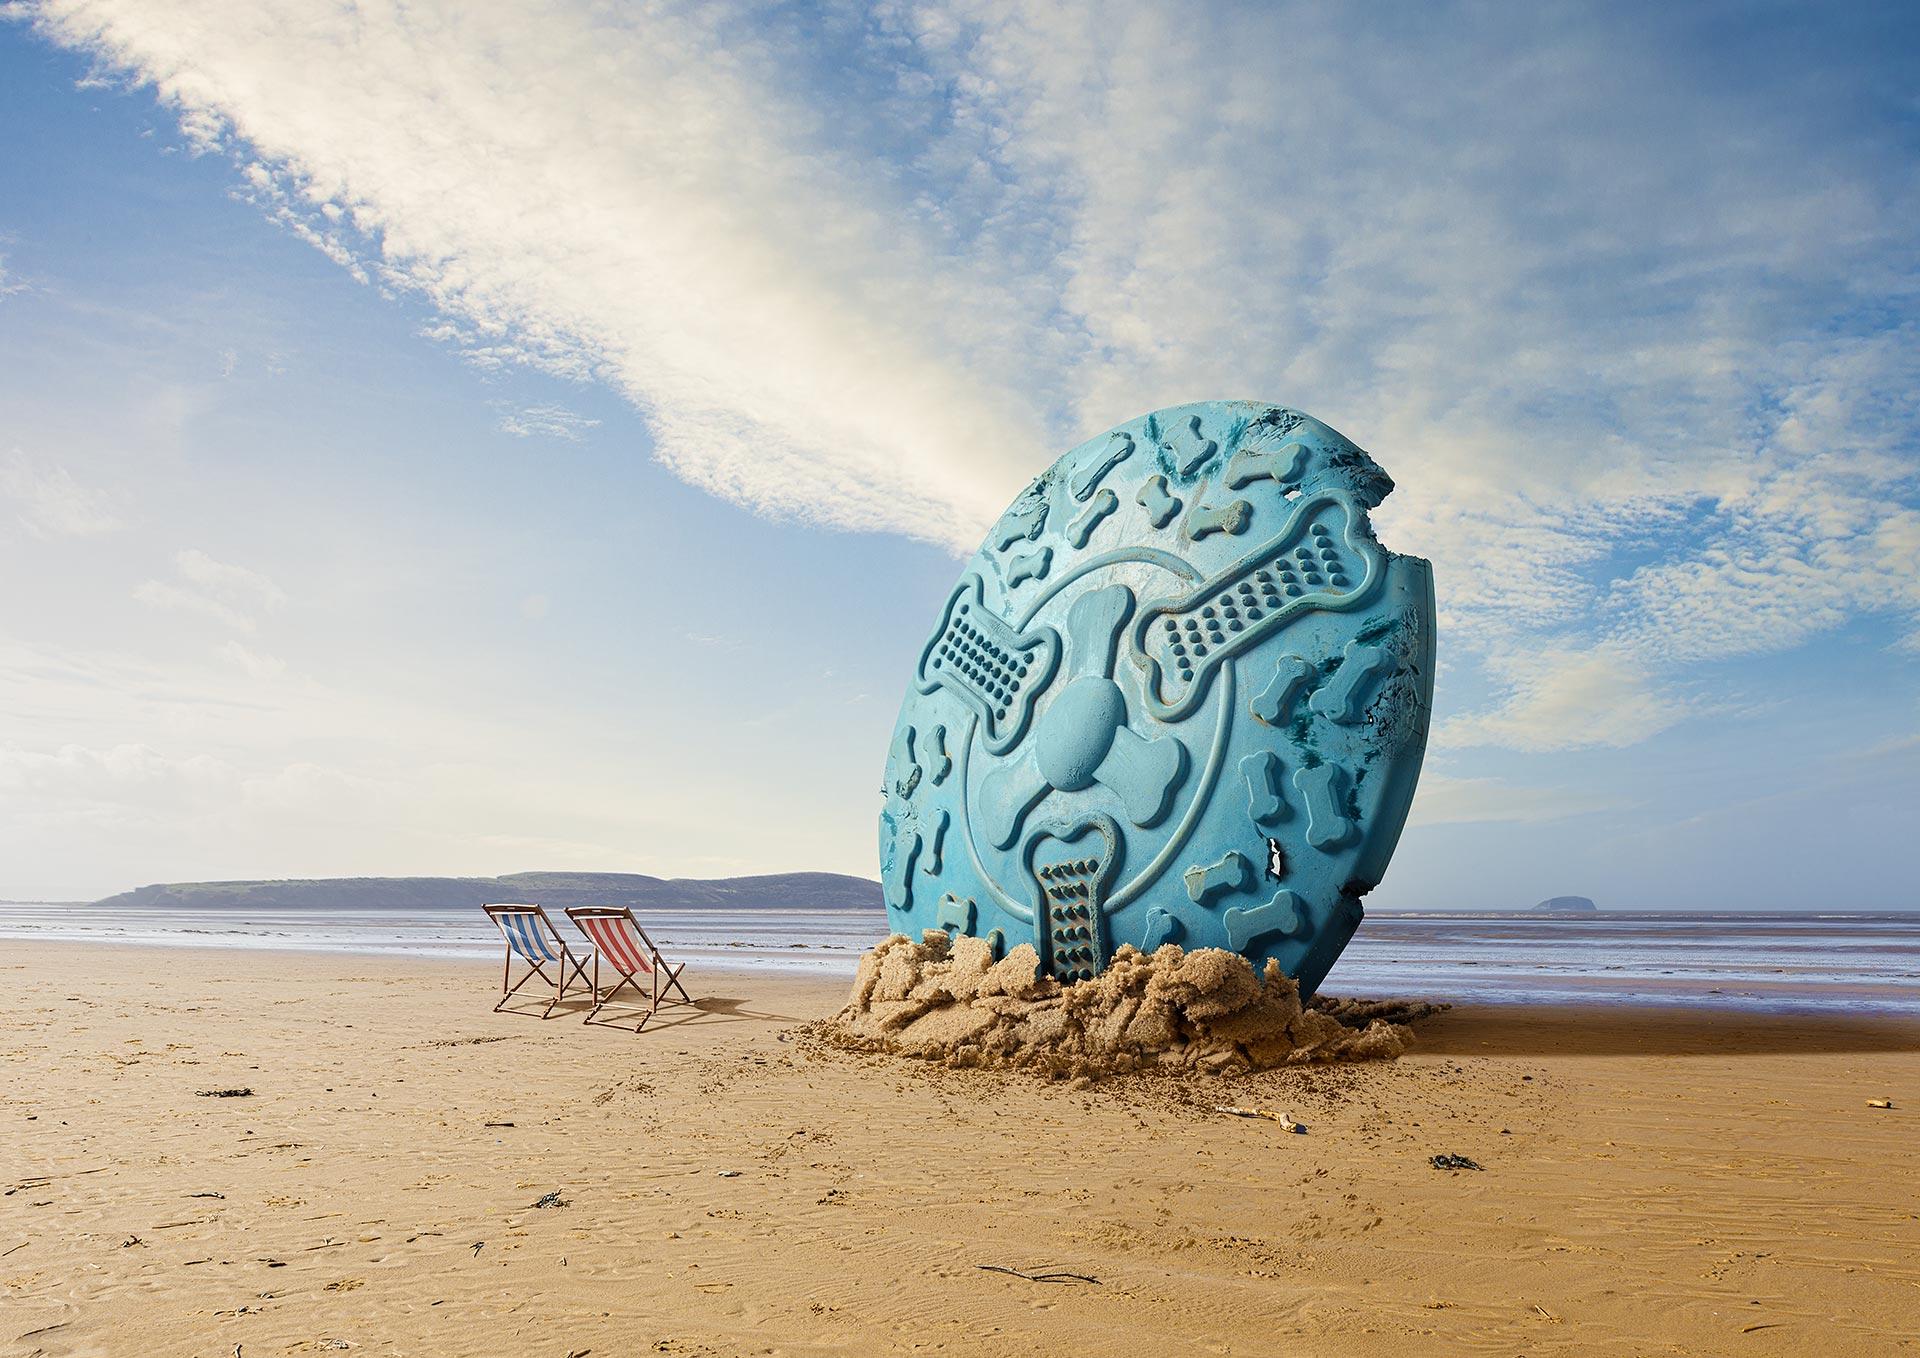 Matt_Dog_frisbee_on_beach